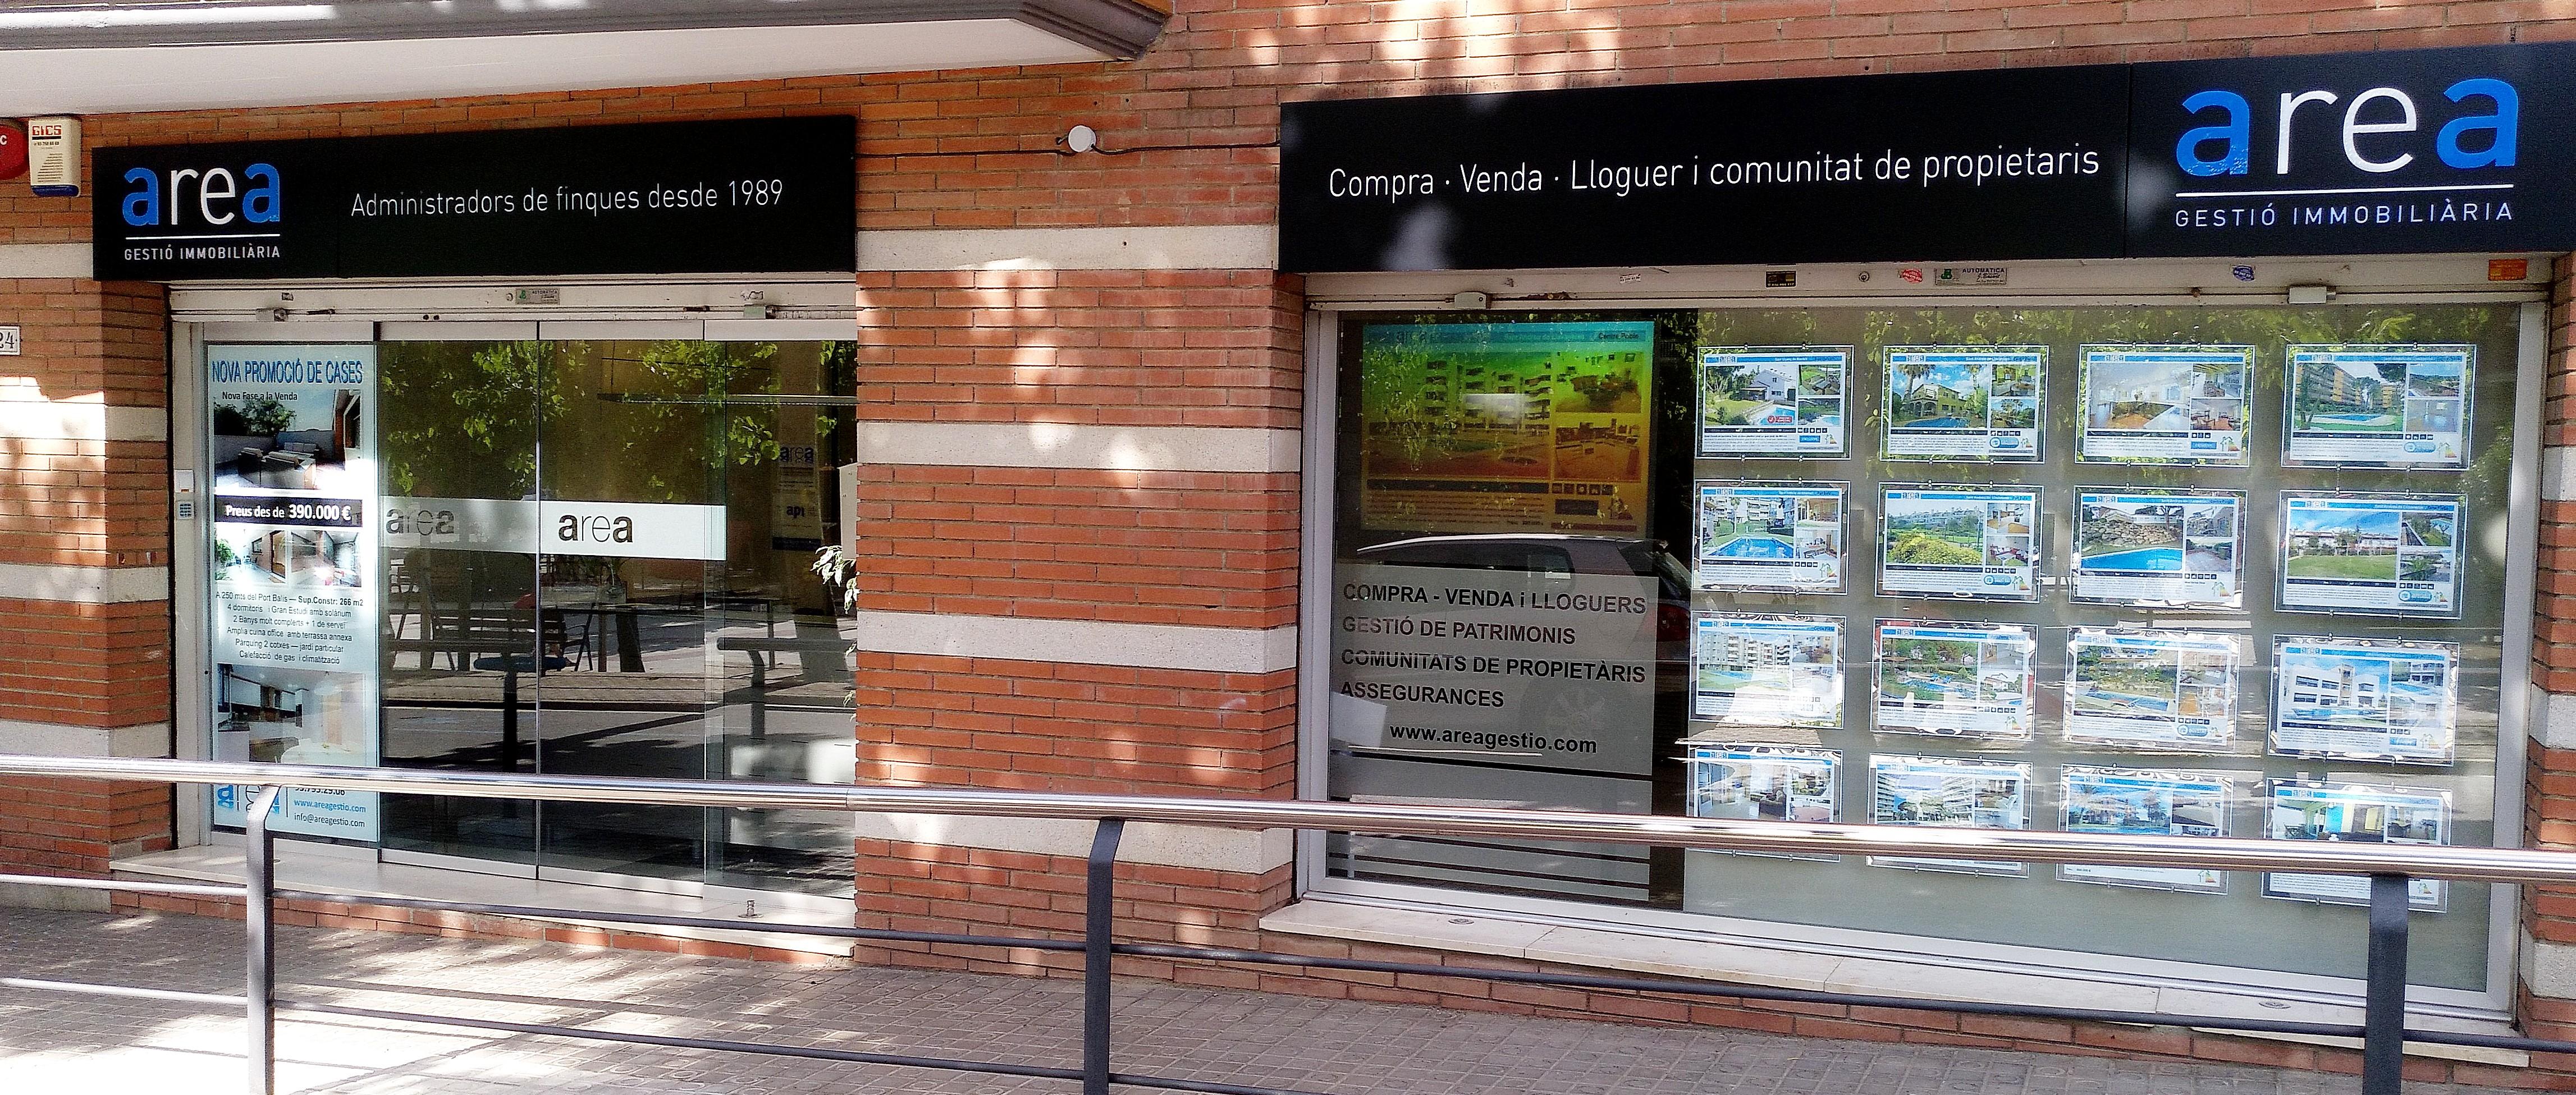 Una agencia de servicios inmobiliarios bien consolidada moderna y eficiente area gestio - Area gestio llavaneres ...